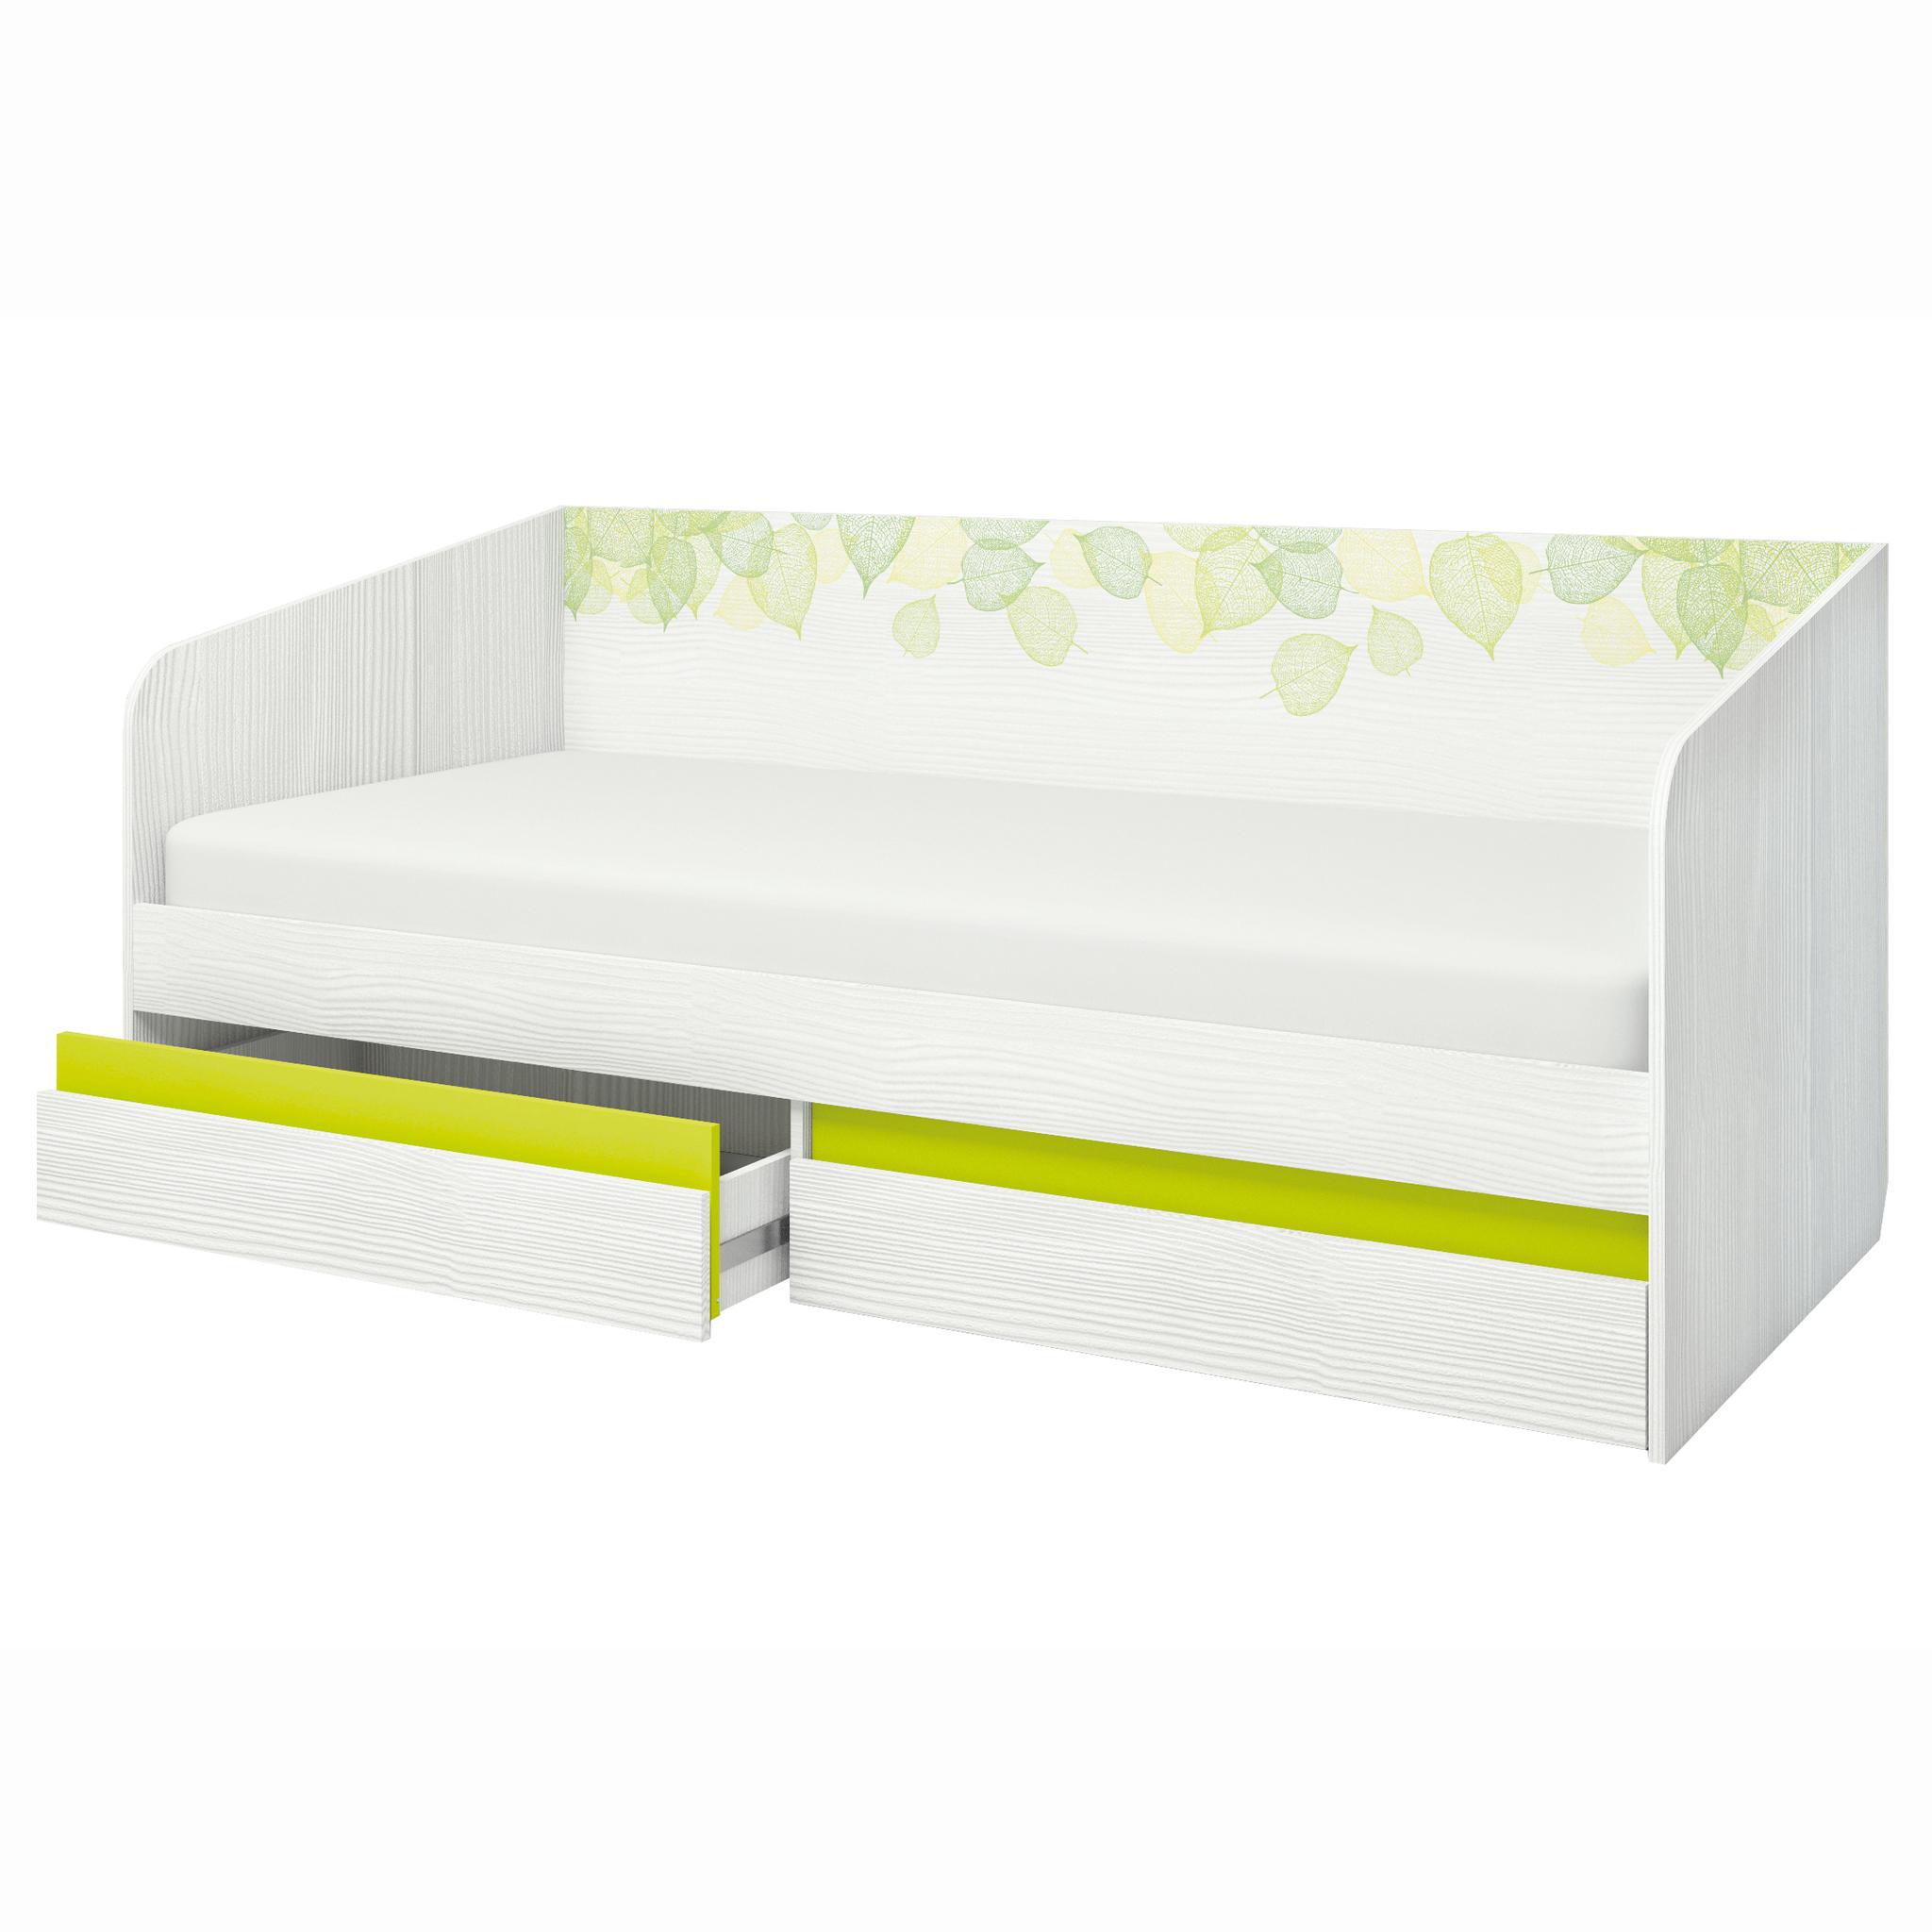 Эко №900.4 Кровать тахта